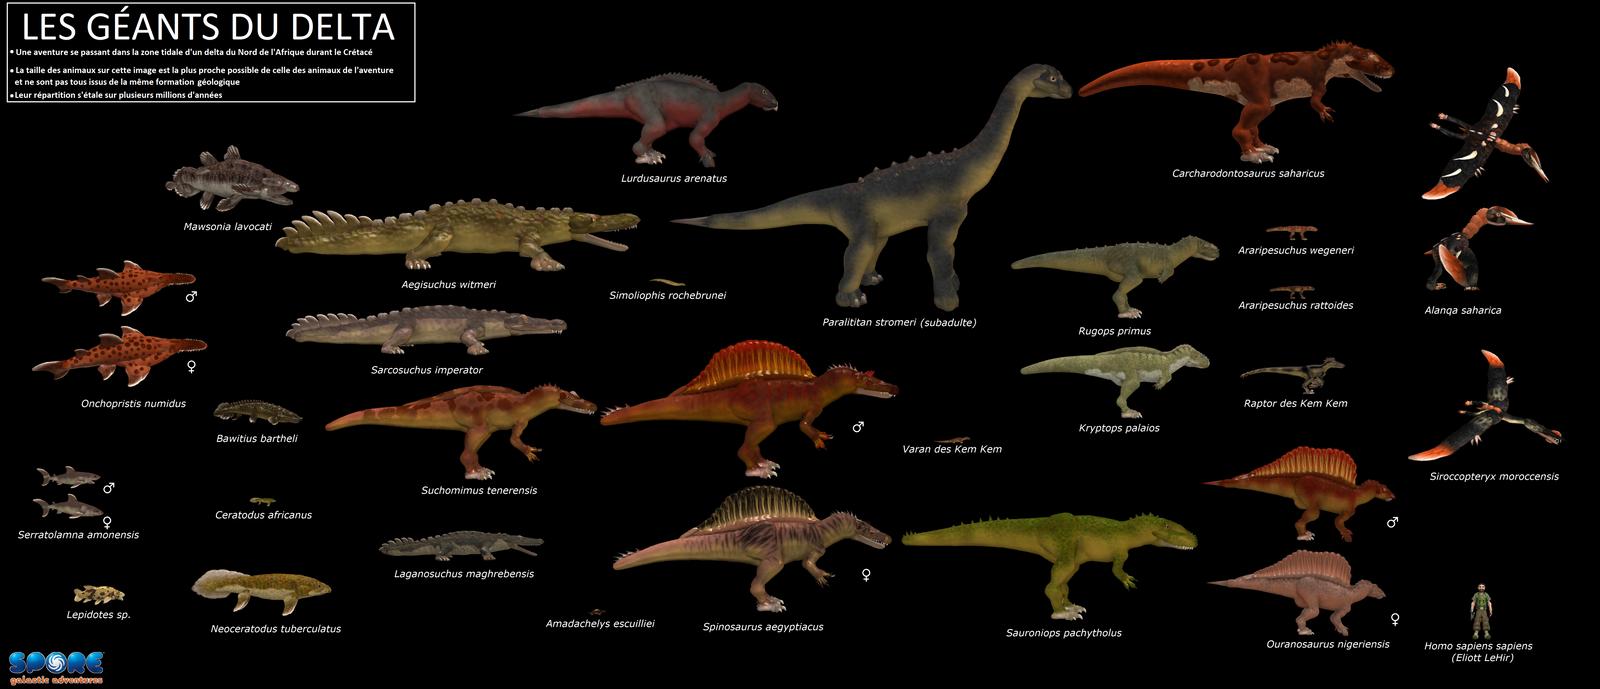 Pin Allosaurus Vs Velociraptor Youtube on Pinterest